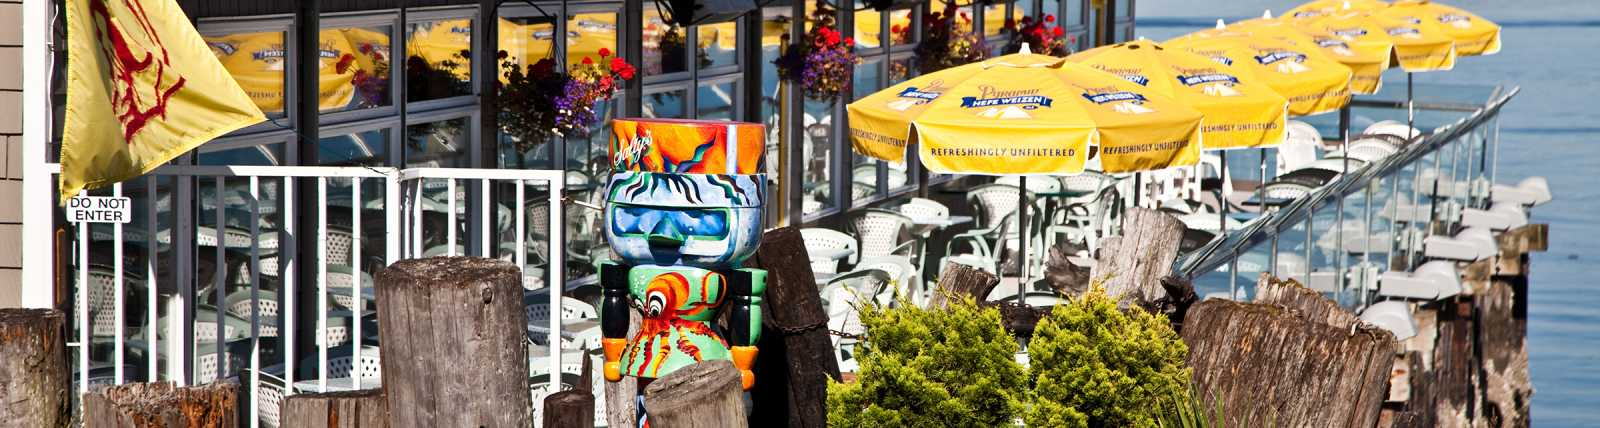 Redondo Deck with Umbrellas by Ilya Moshenskiy (ilyaphoto.com)